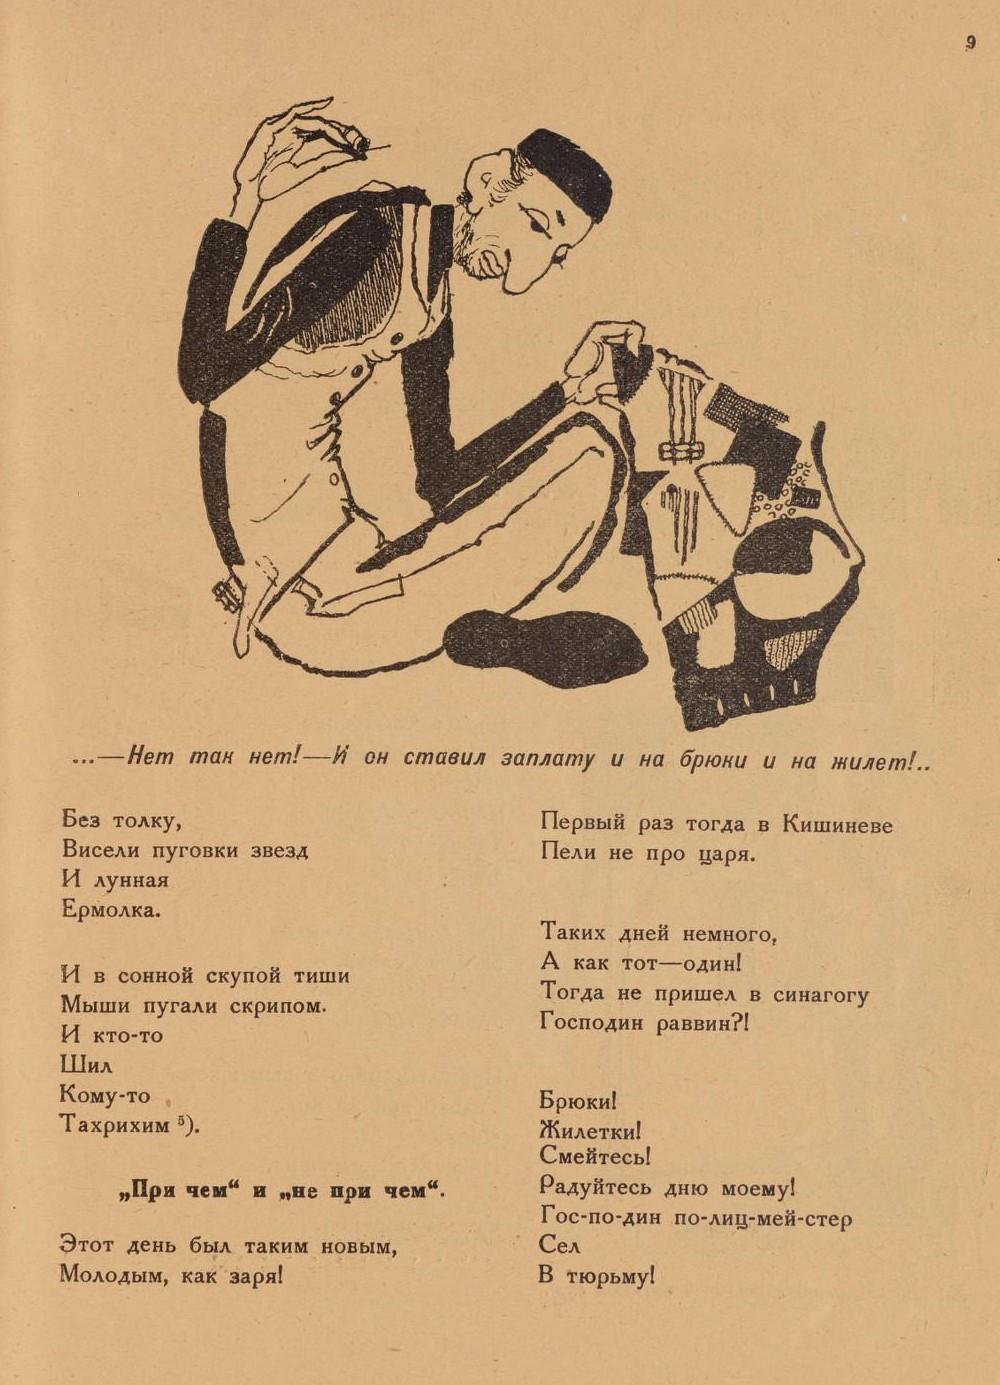 «Повесть о рыжем Мотэле, господине инспекторе, раввине Иссайе и комиссаре Блох» (1926 год) 7